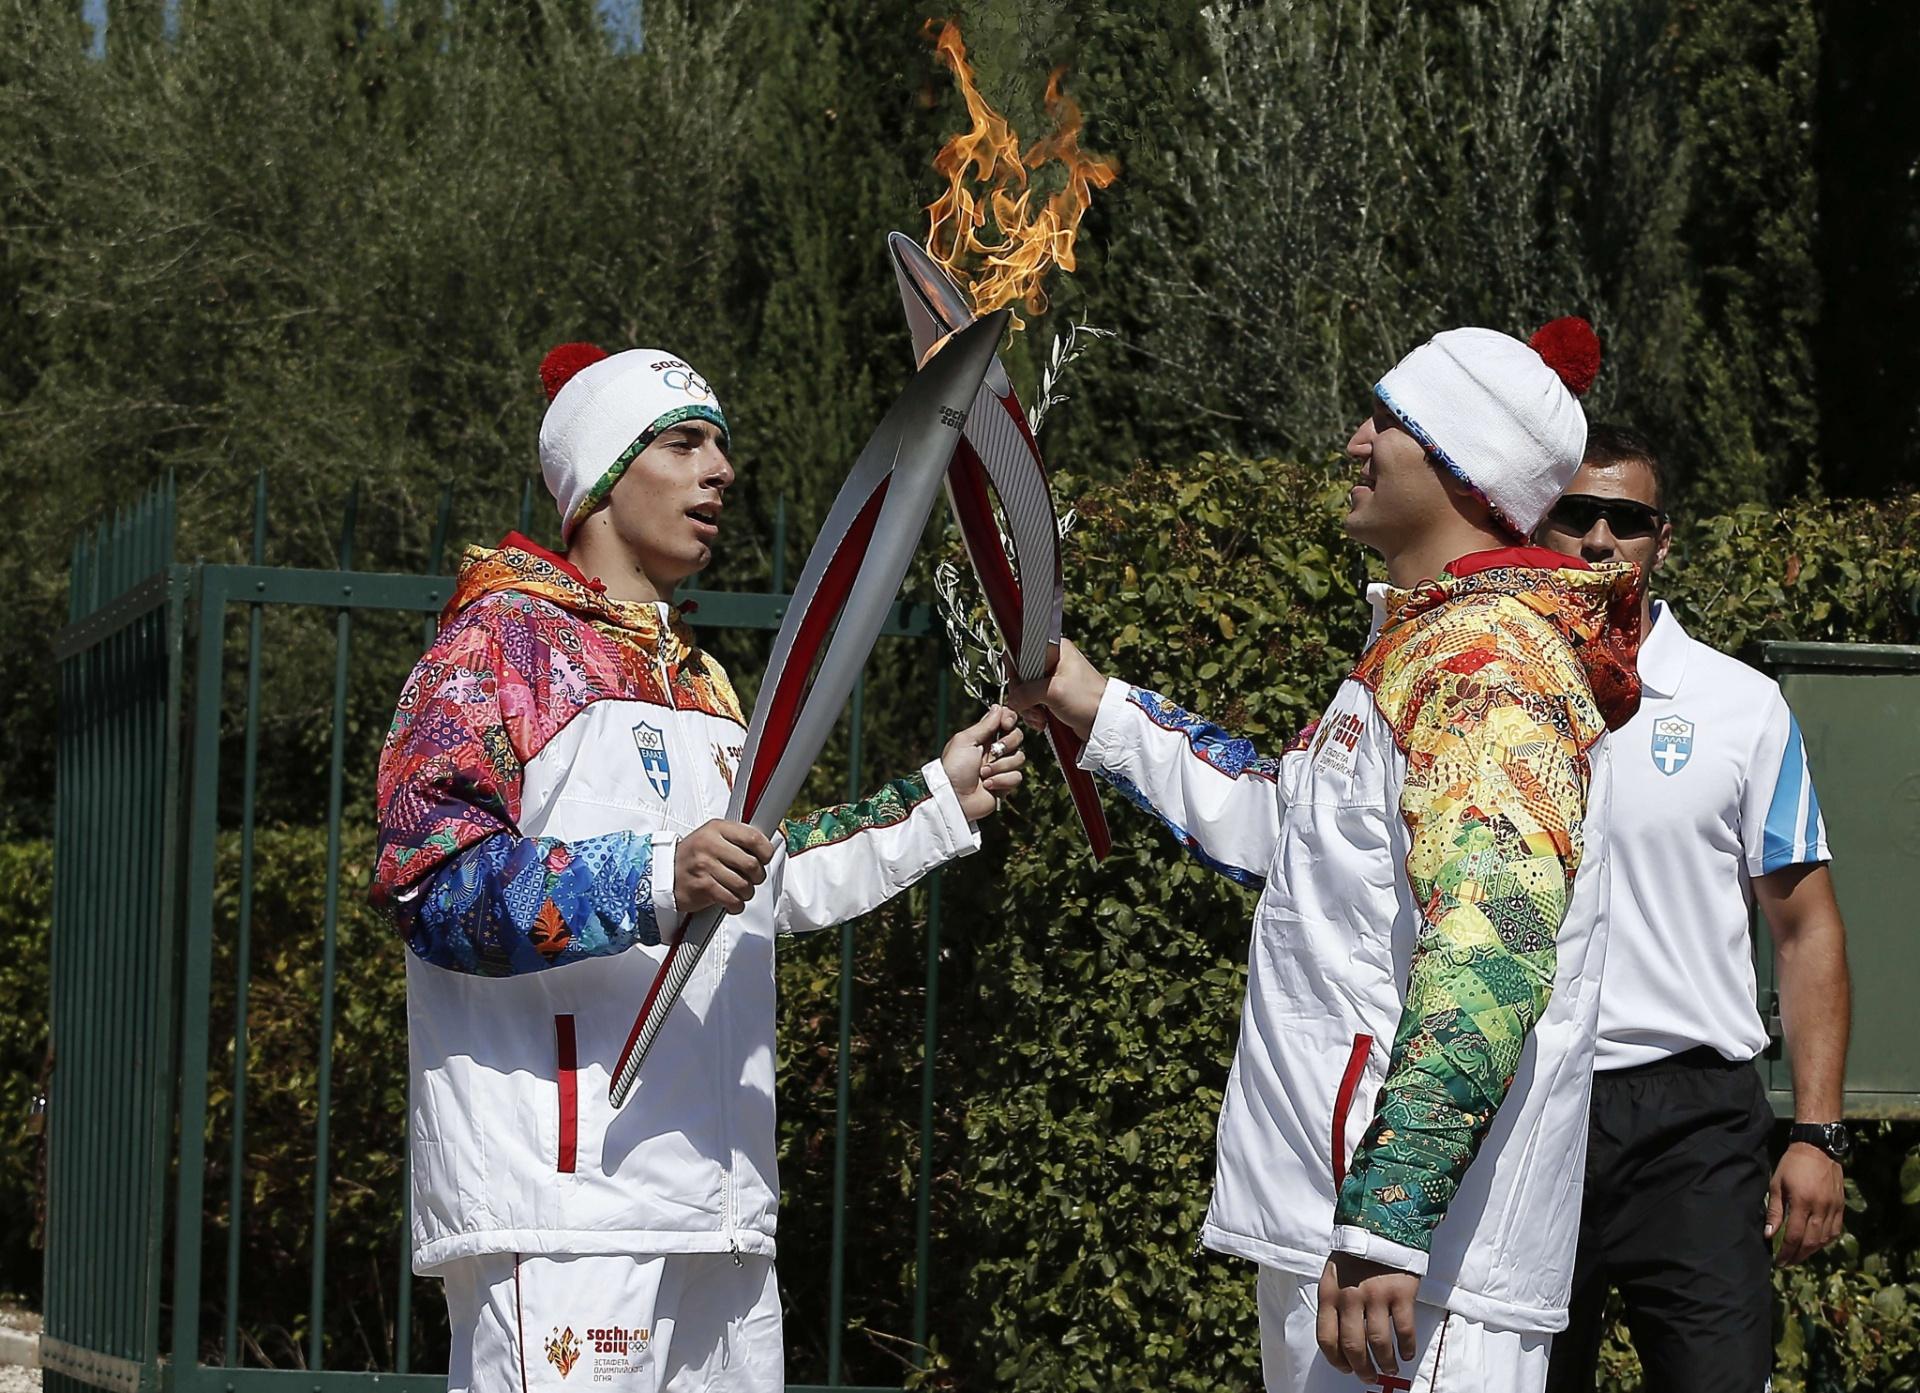 29.set.2013 - Perto do monumento Pierre de Coubertin, Giannis Antoniou passa a chama para o esquiador russo Alexander Ovechkin